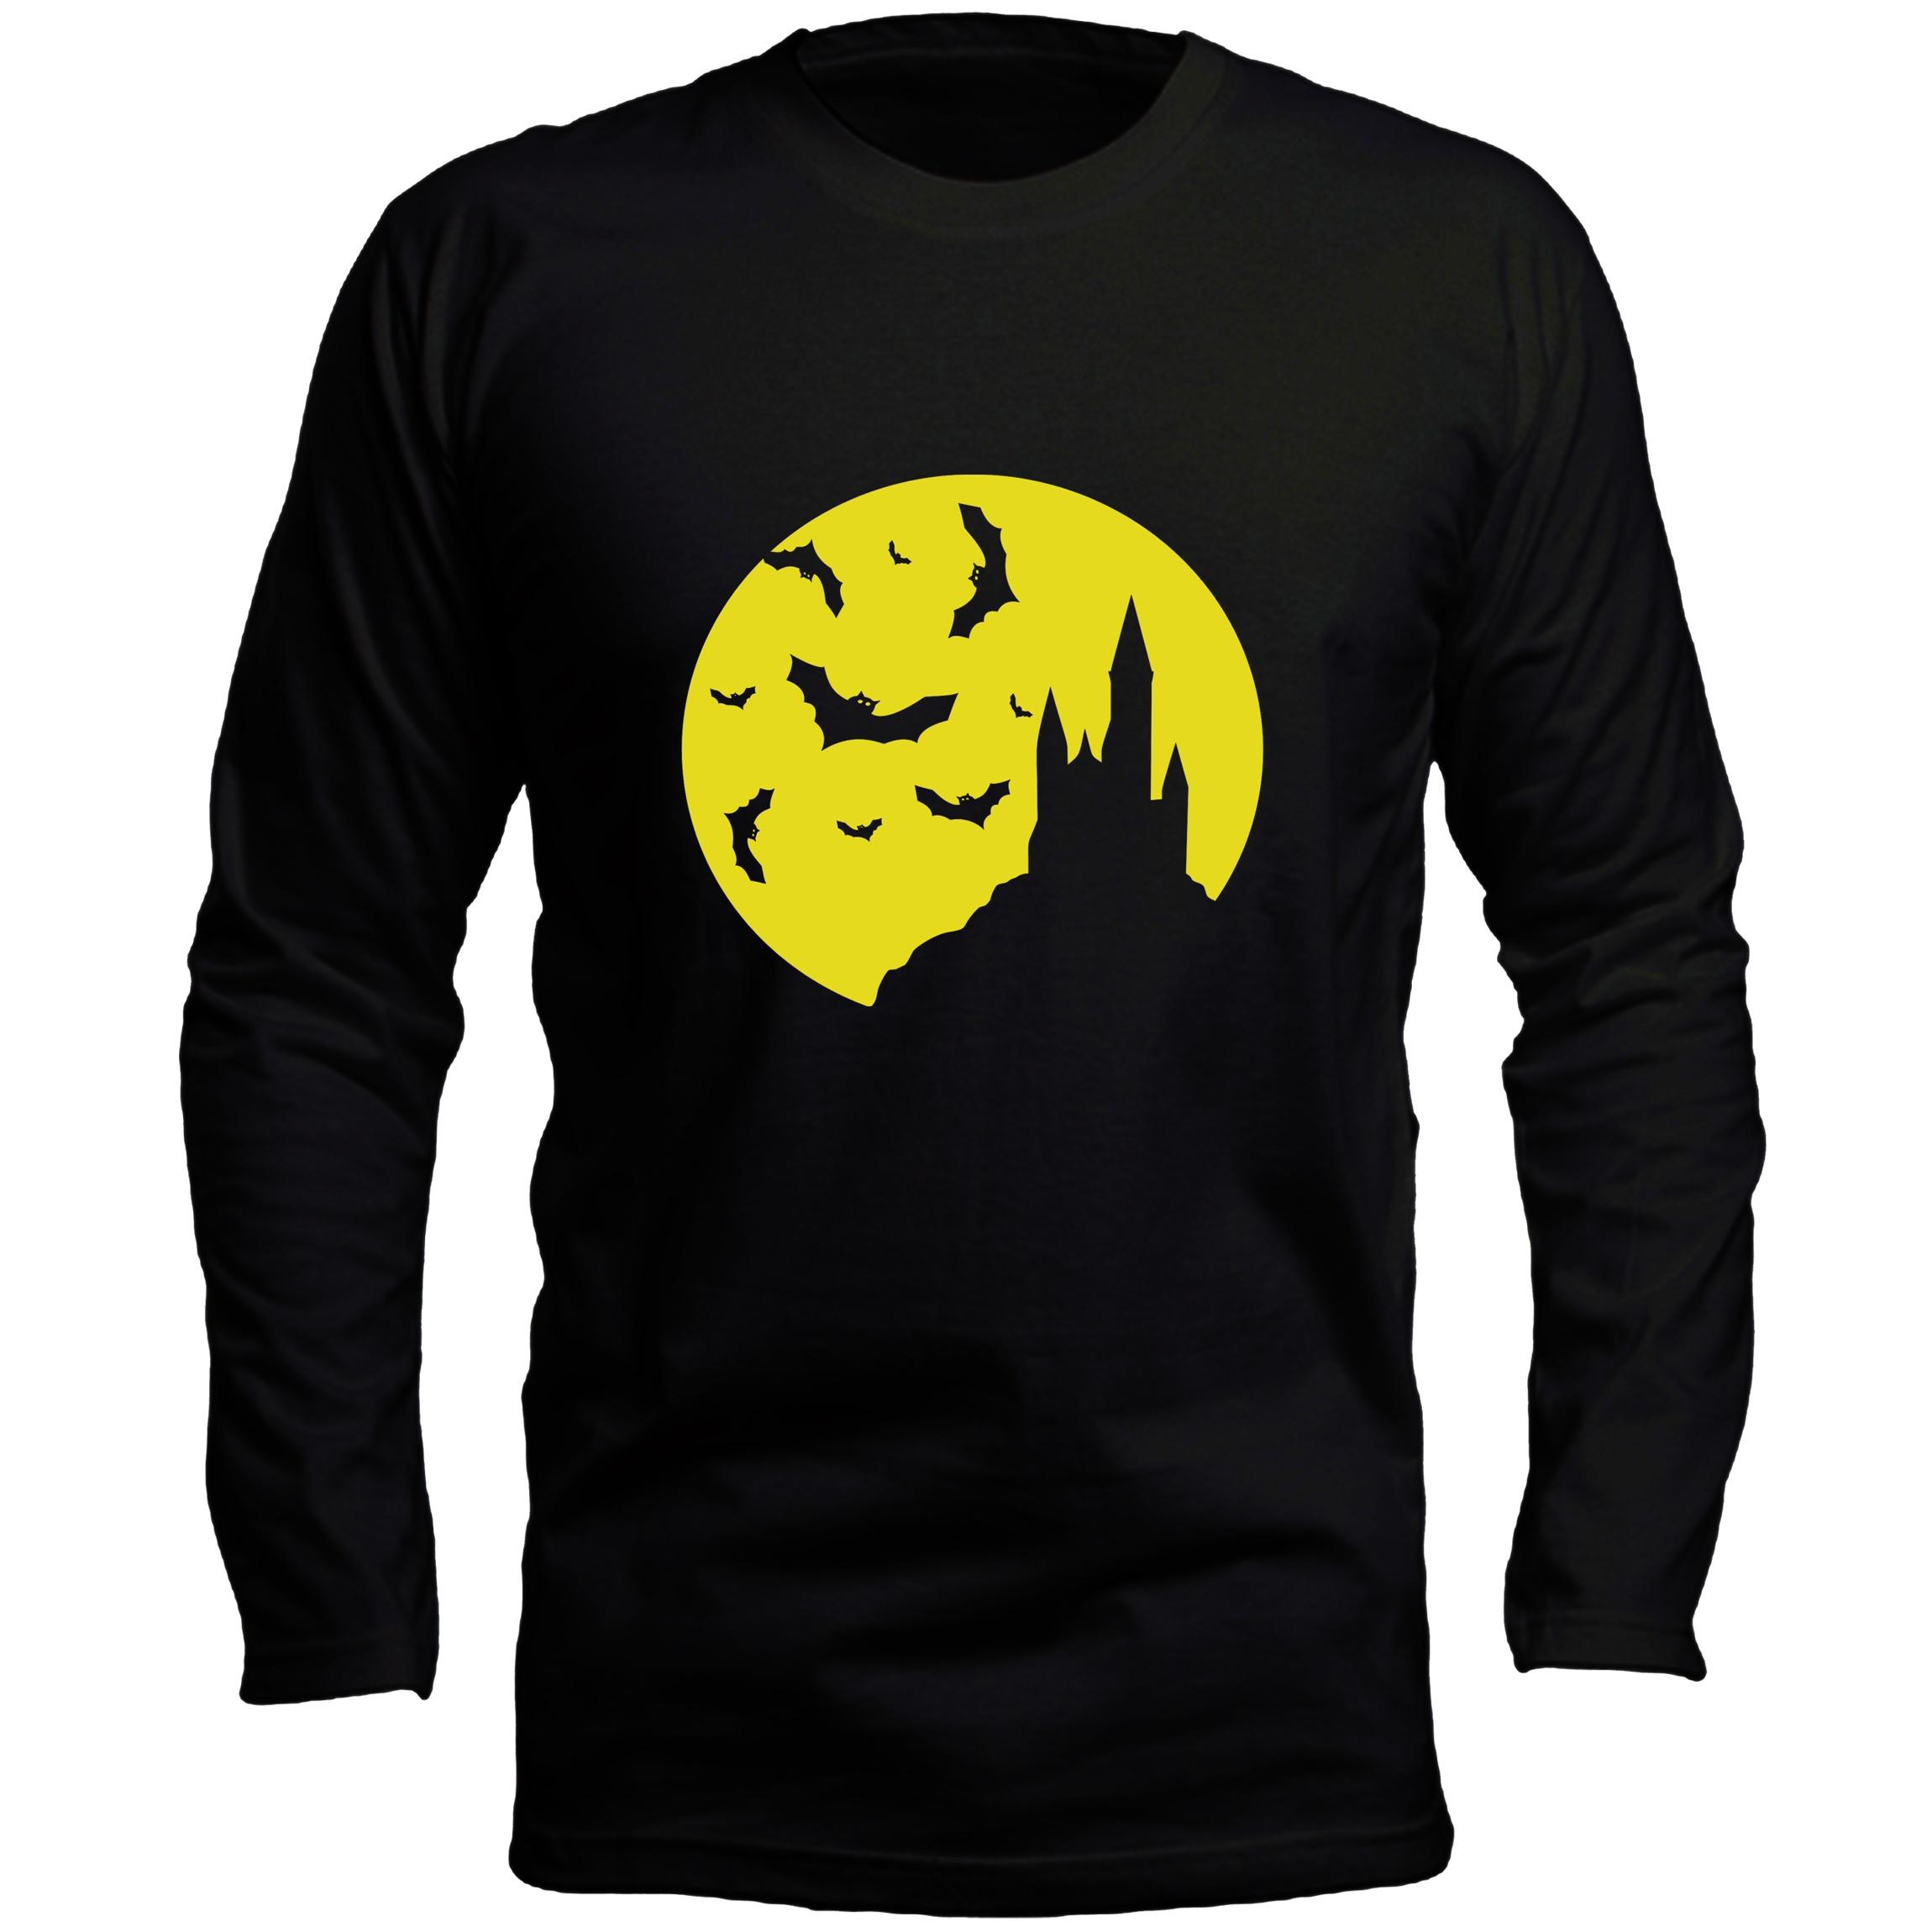 تی شرت آستین بلند مردانه طرح خفاش کد LB166